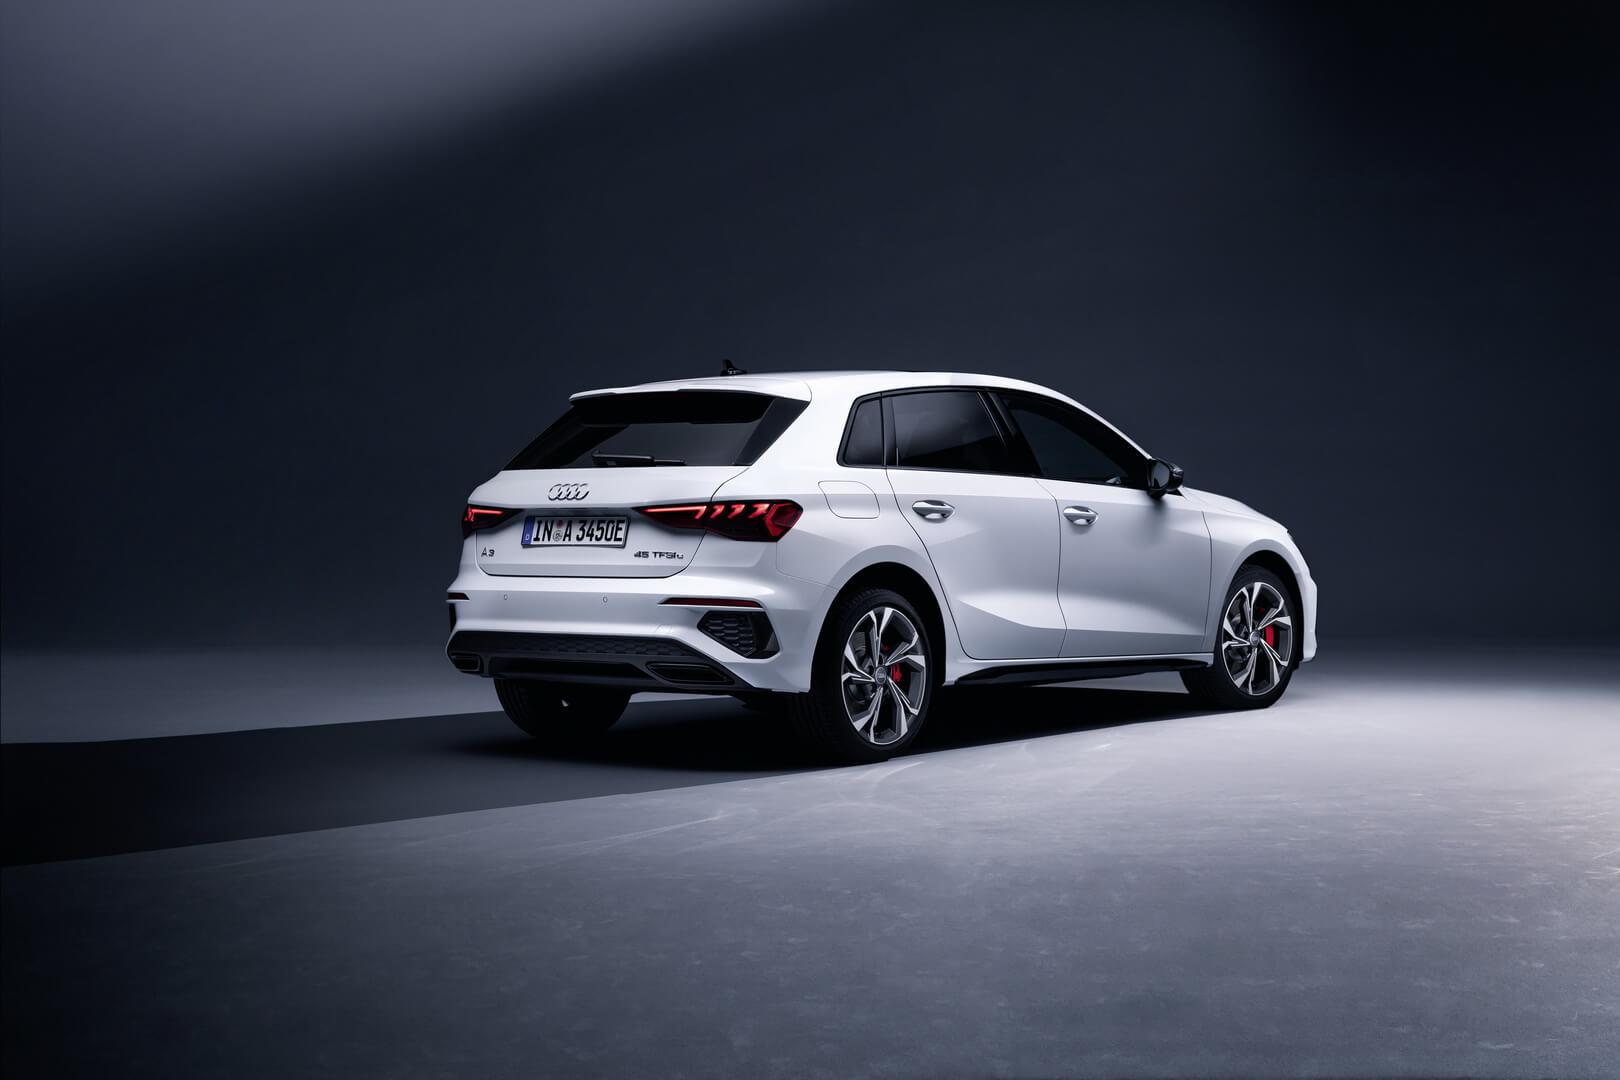 Компактный плагин-гибрид Audi A3 Sportback 45 TFSI e с выходной мощностью 245 л.с. и электрическим пробегом 63 км